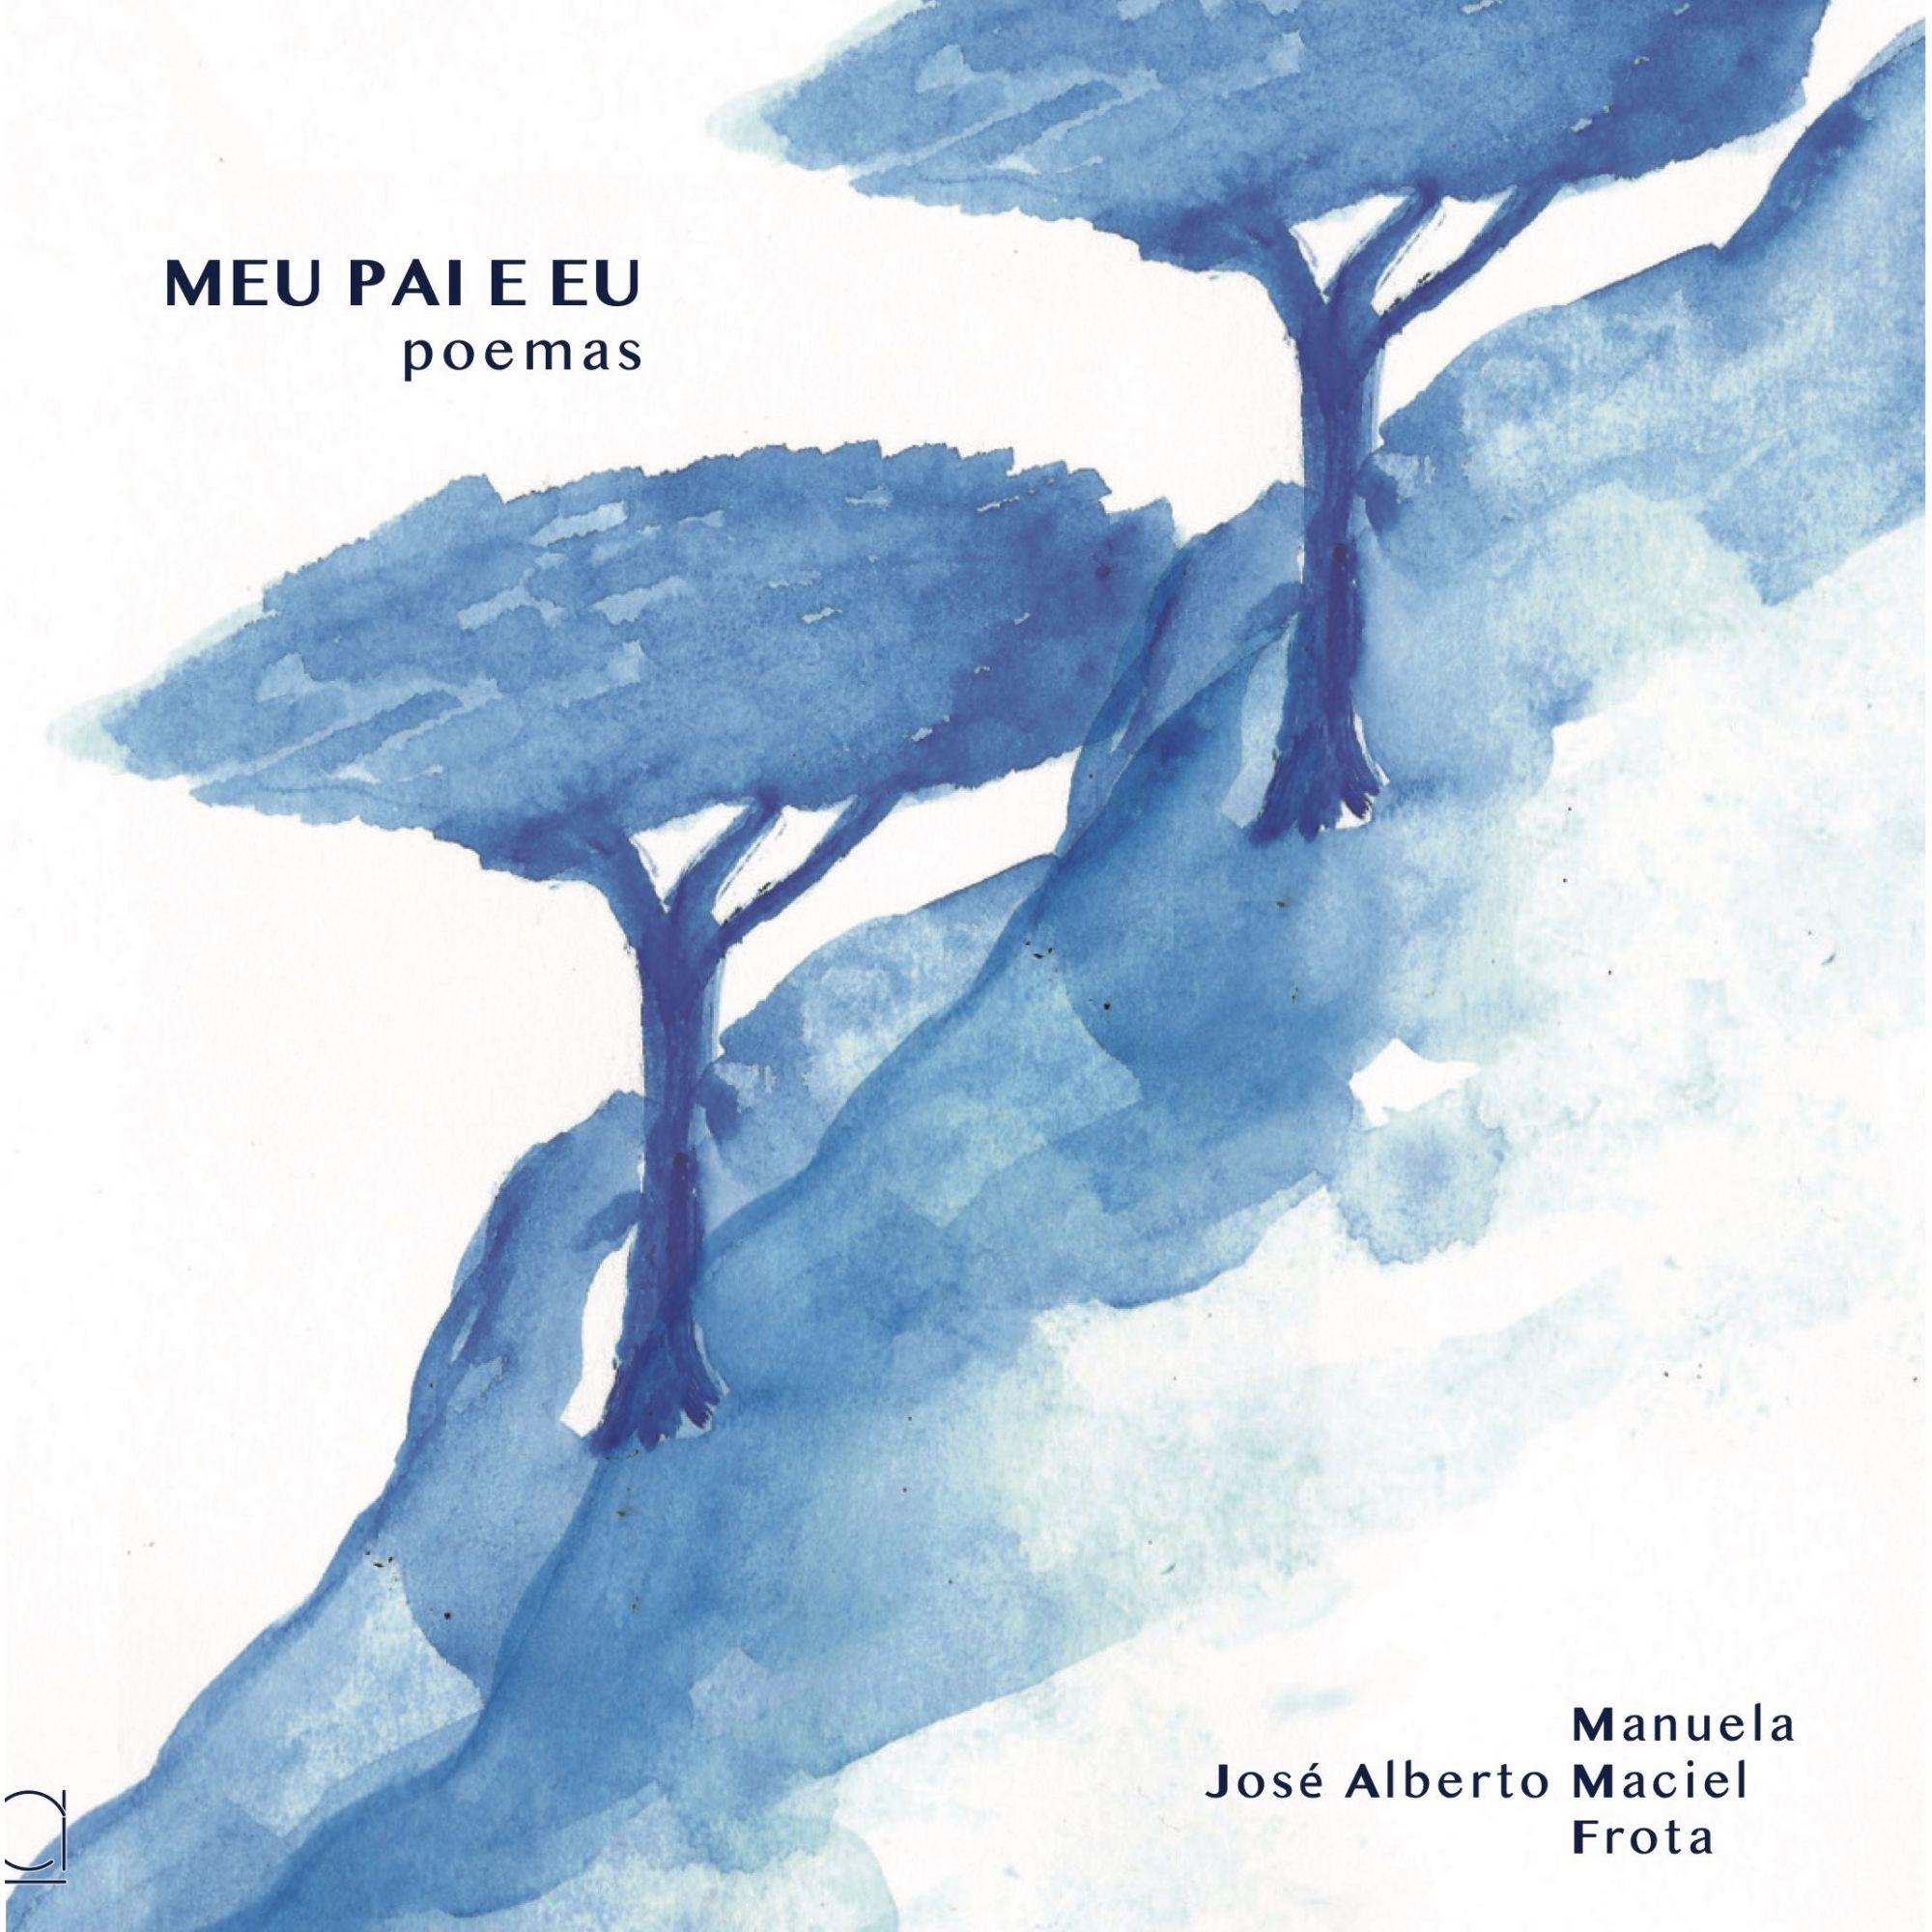 Meu pai e eu,  poemas - José Alberto C. Maciel e Manuela M. Frota